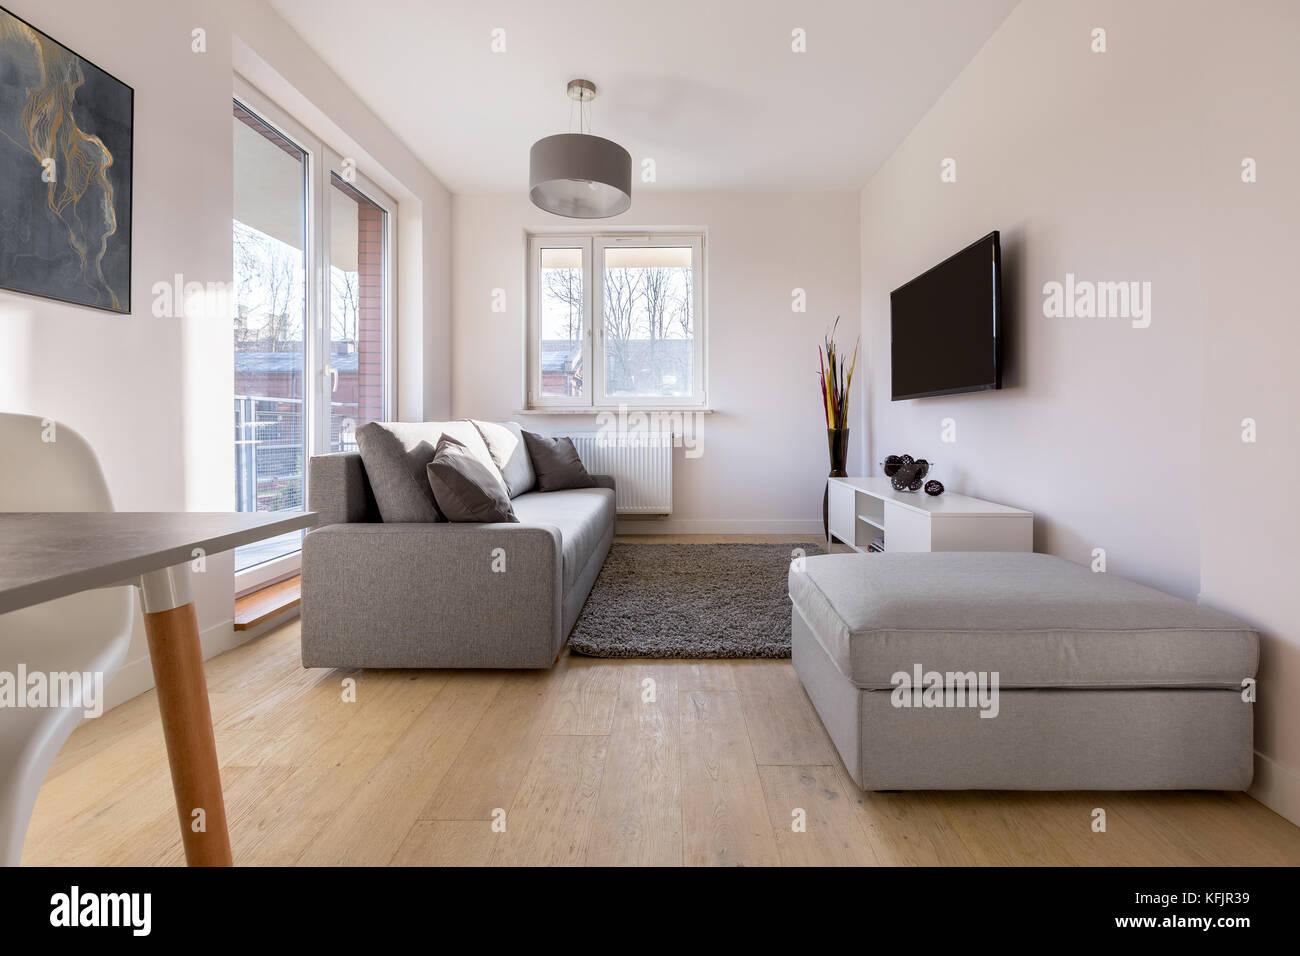 Gemutliche Wohnlandschaft Mit Schlafcouch Pouf Und Tv Stockfoto